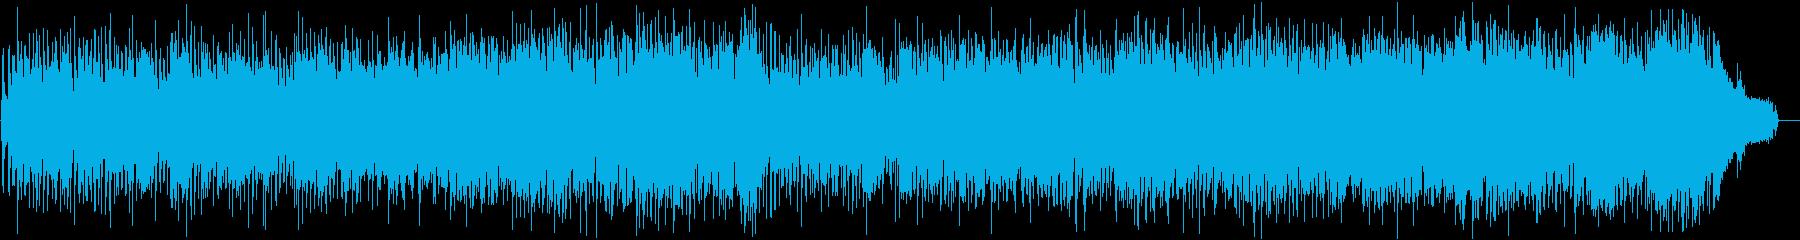 可愛らしいファンタジーポップスの再生済みの波形